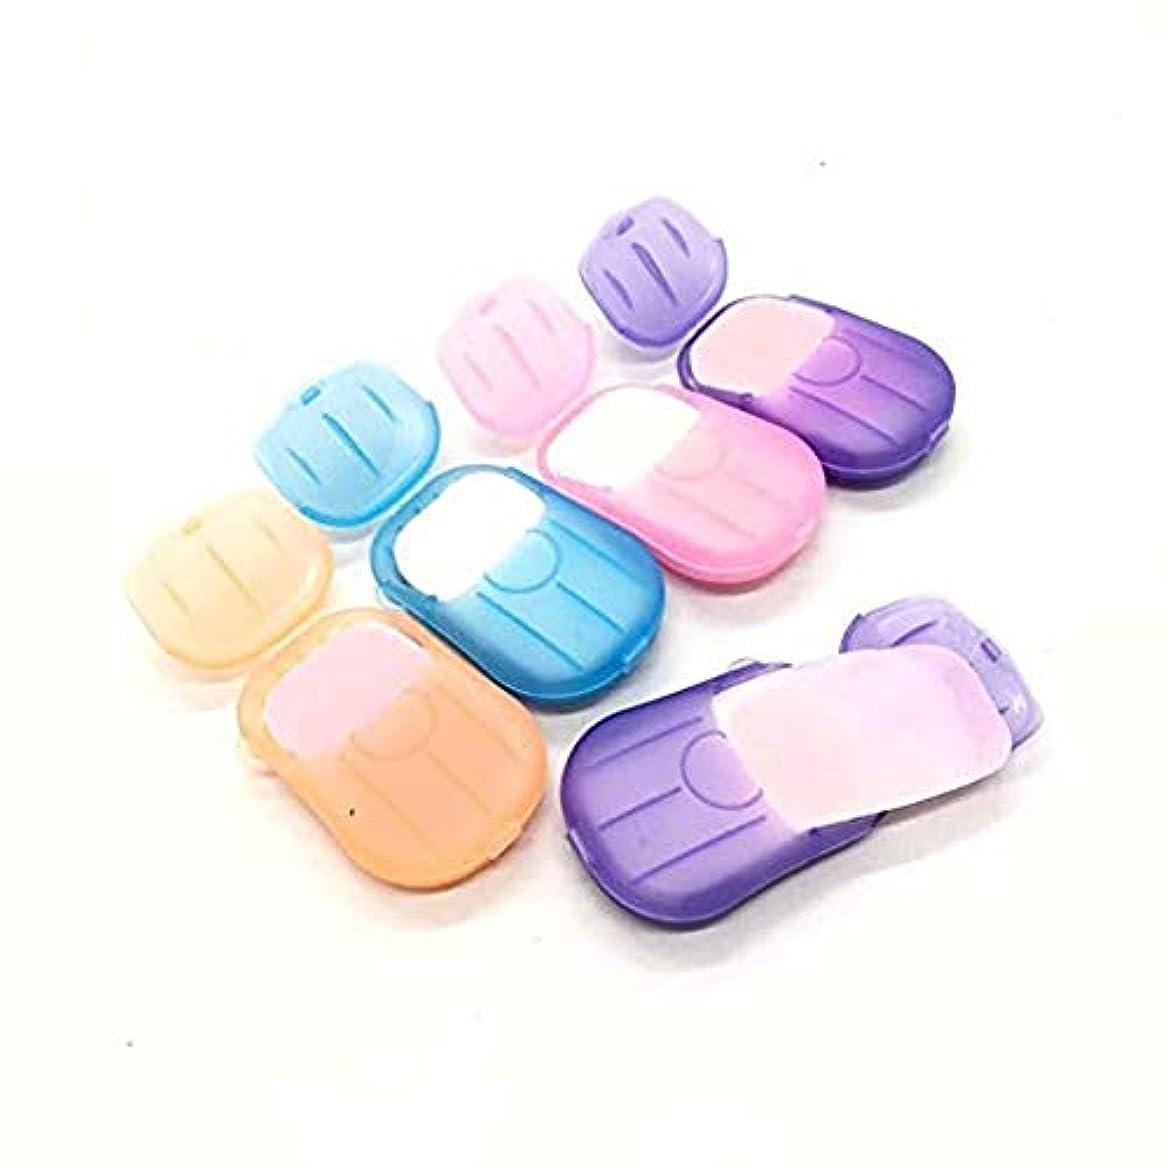 褐色前売またはどちらかArvolno ペーパーソープ 紙せっけん 6個セット 石鹸 携帯用除菌 香り 超軽量 持ち運び 手洗い/お風呂 お出かけ 旅行 20枚/ケース (6個セット)